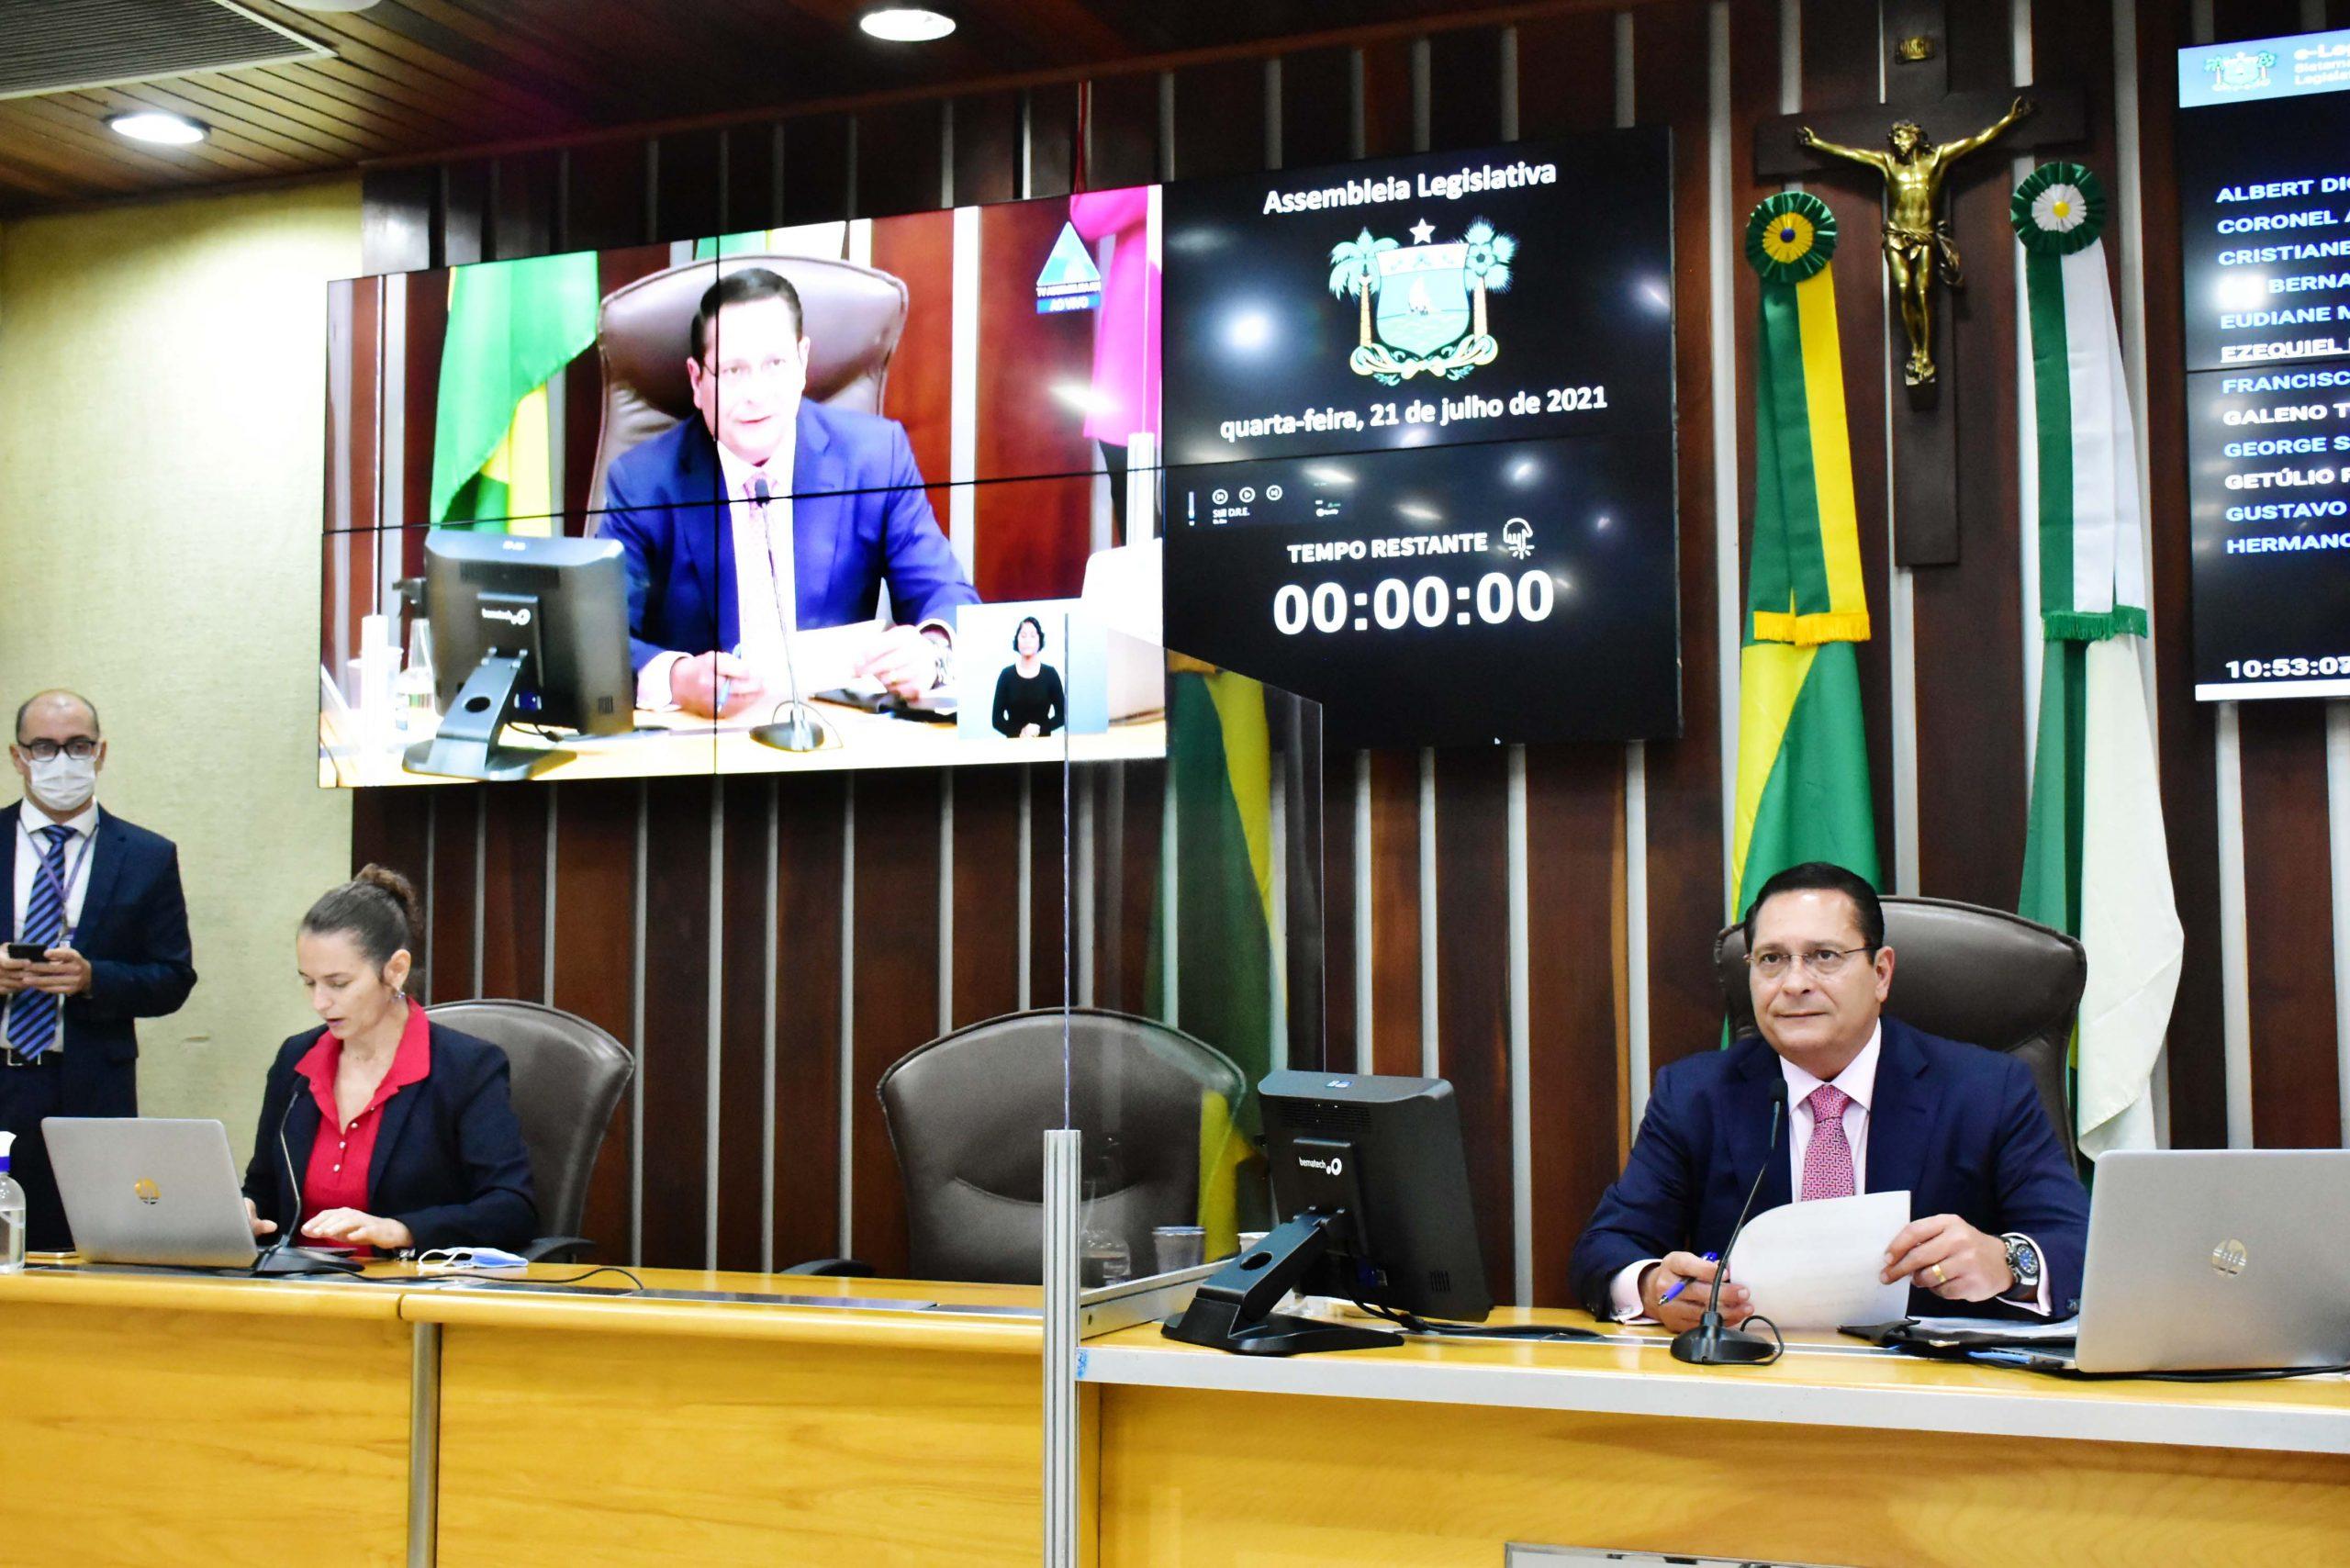 Assembleia Legislativa aprova projeto de lei que suspende prazos de concursos no RN